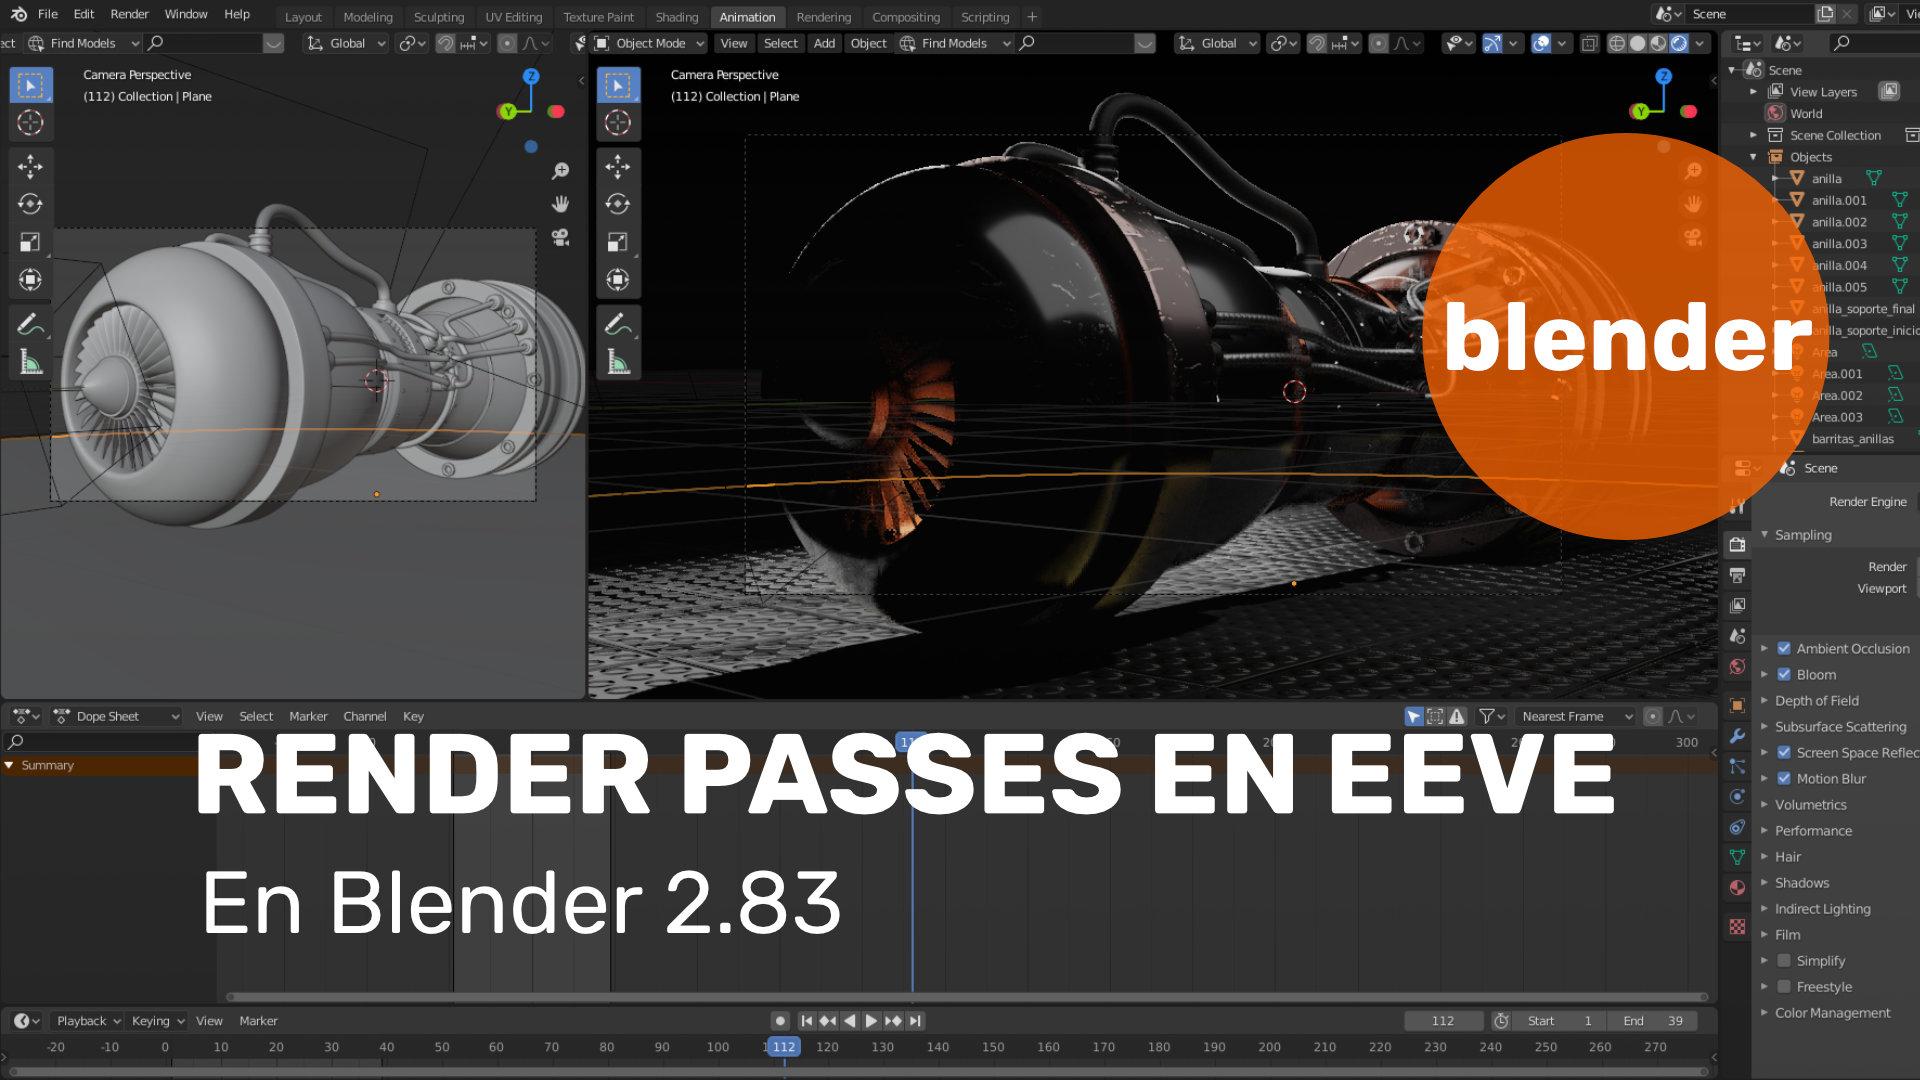 Render passes en EEVEE - Blender 2.83